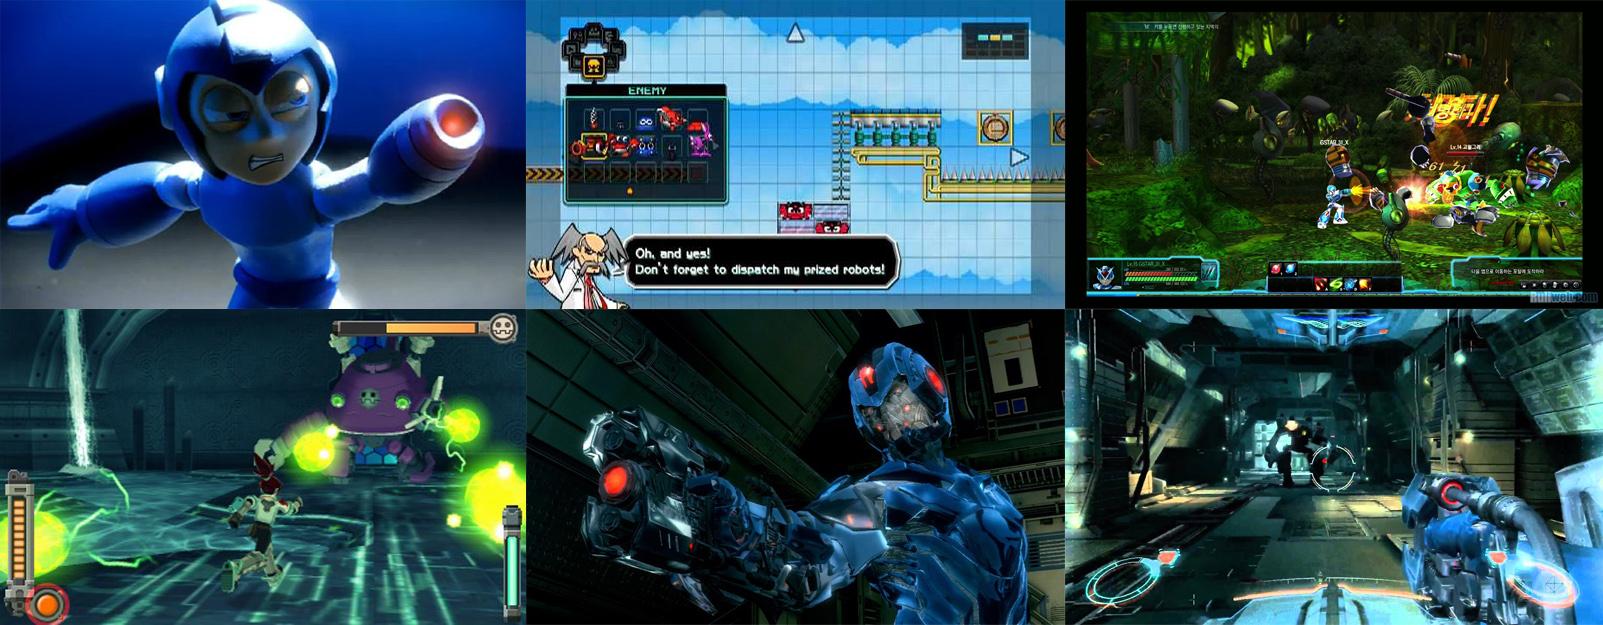 Spot de Mega man universe, Mega man universe, Mega man online, Megaman legends y Maverick hunter.